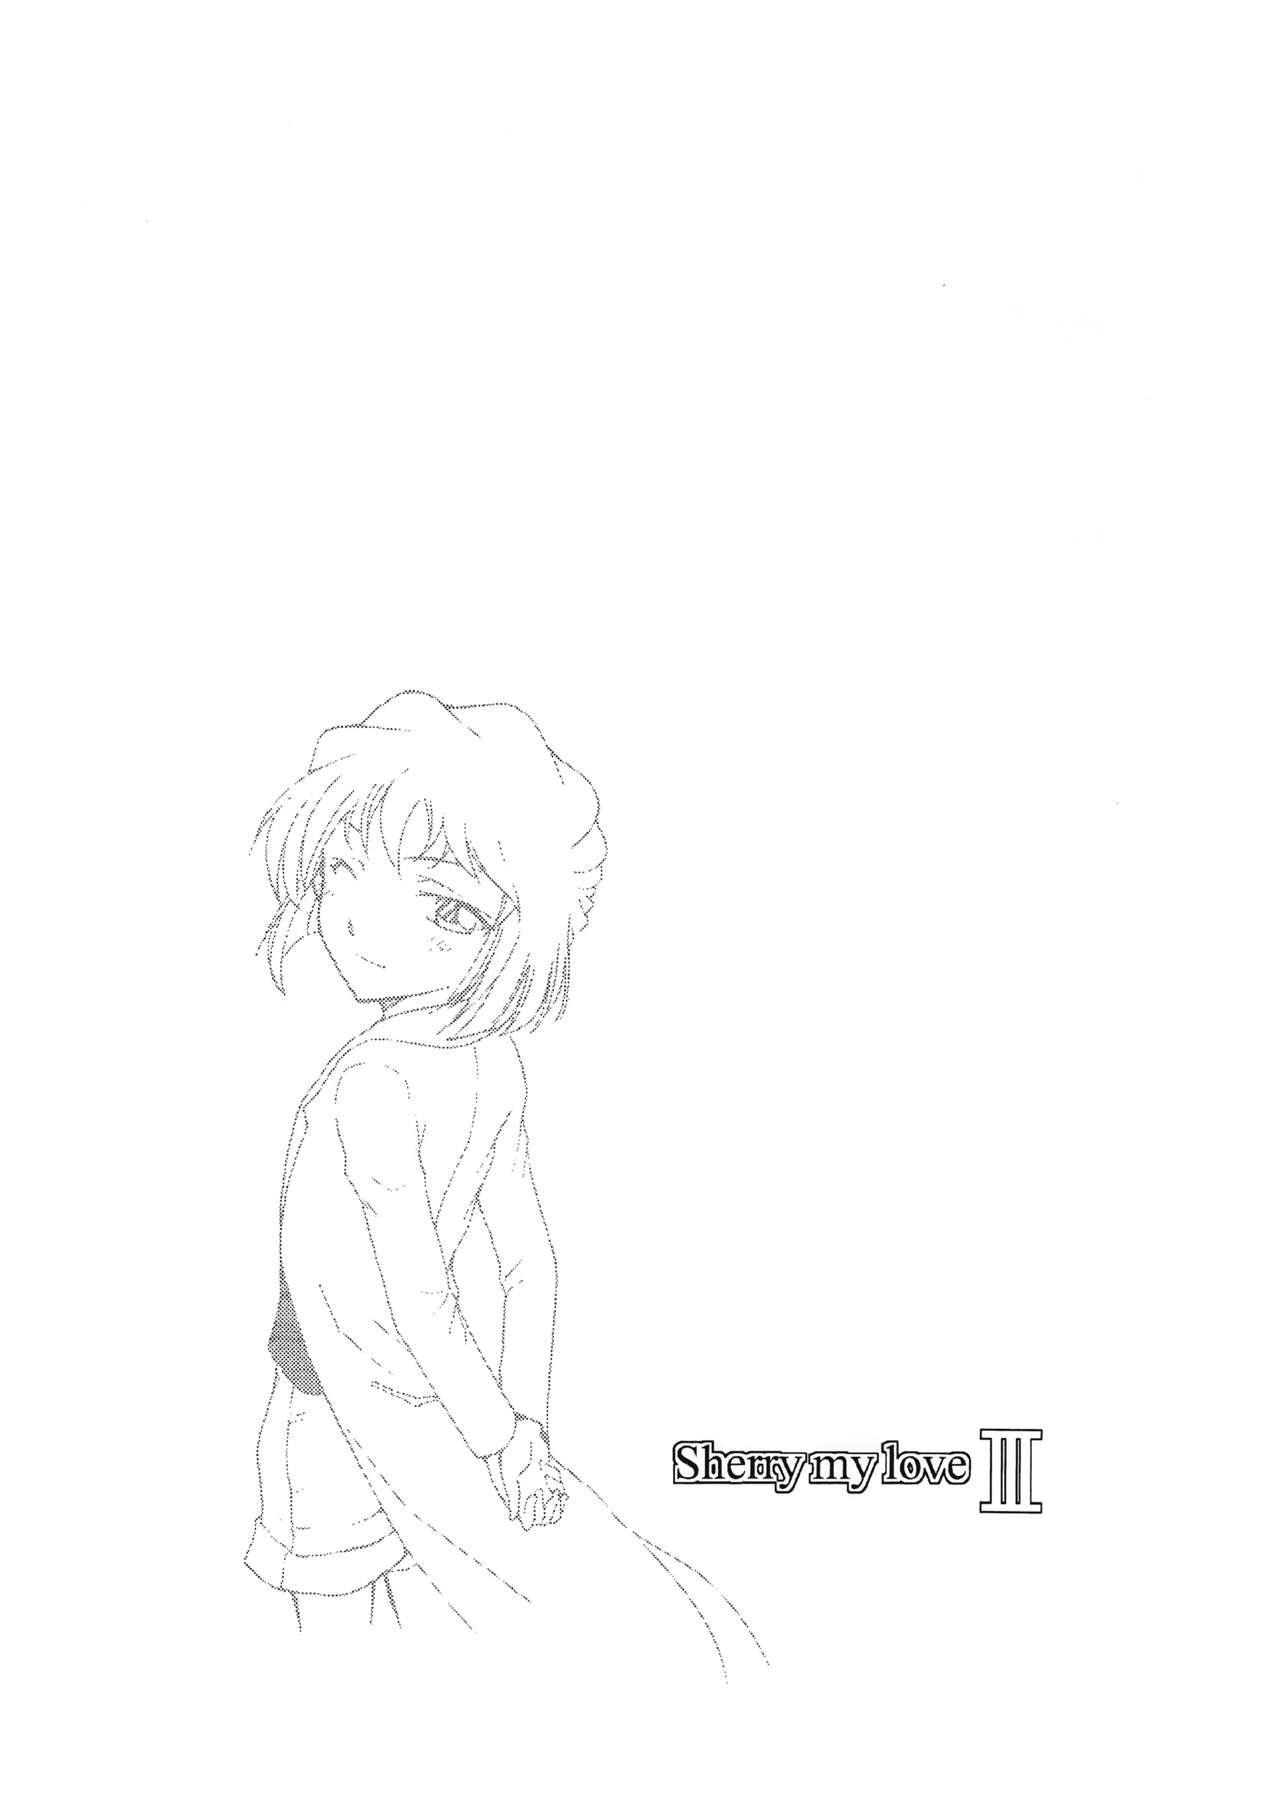 Sherry my love III 15